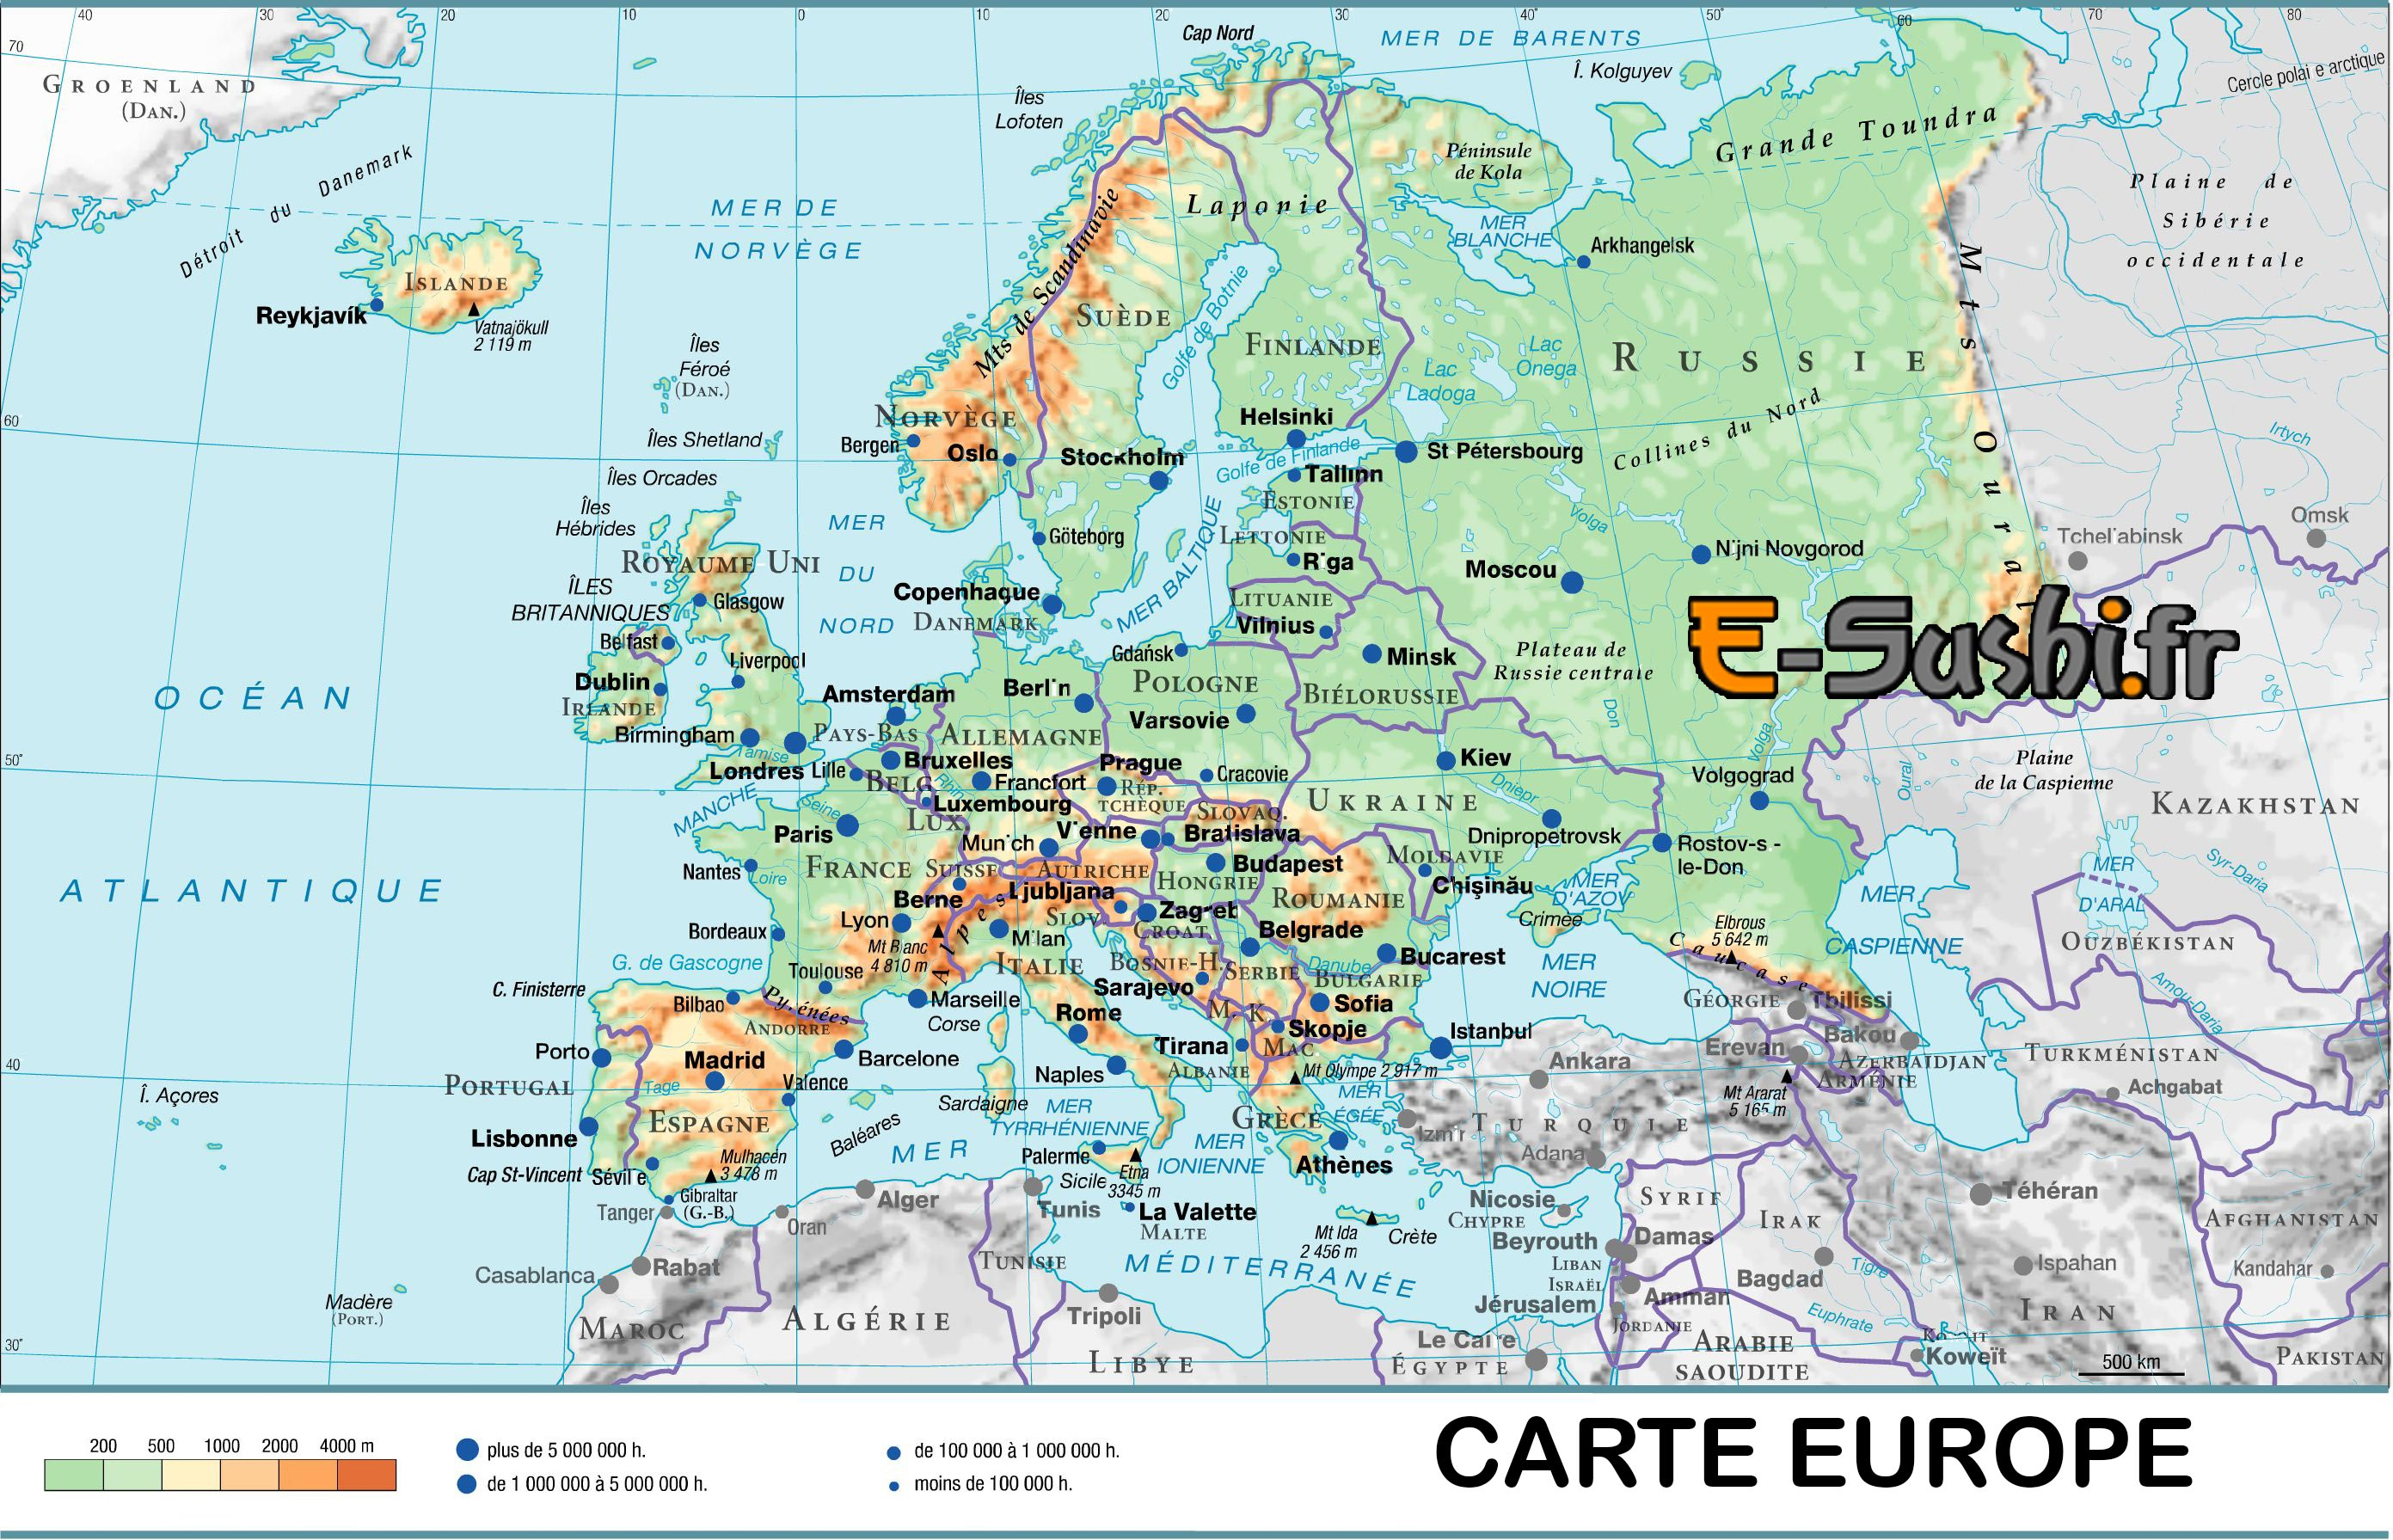 Archives Des Europe Carte Des Capitales - Arts Et Voyages intérieur Carte Europe Capitale